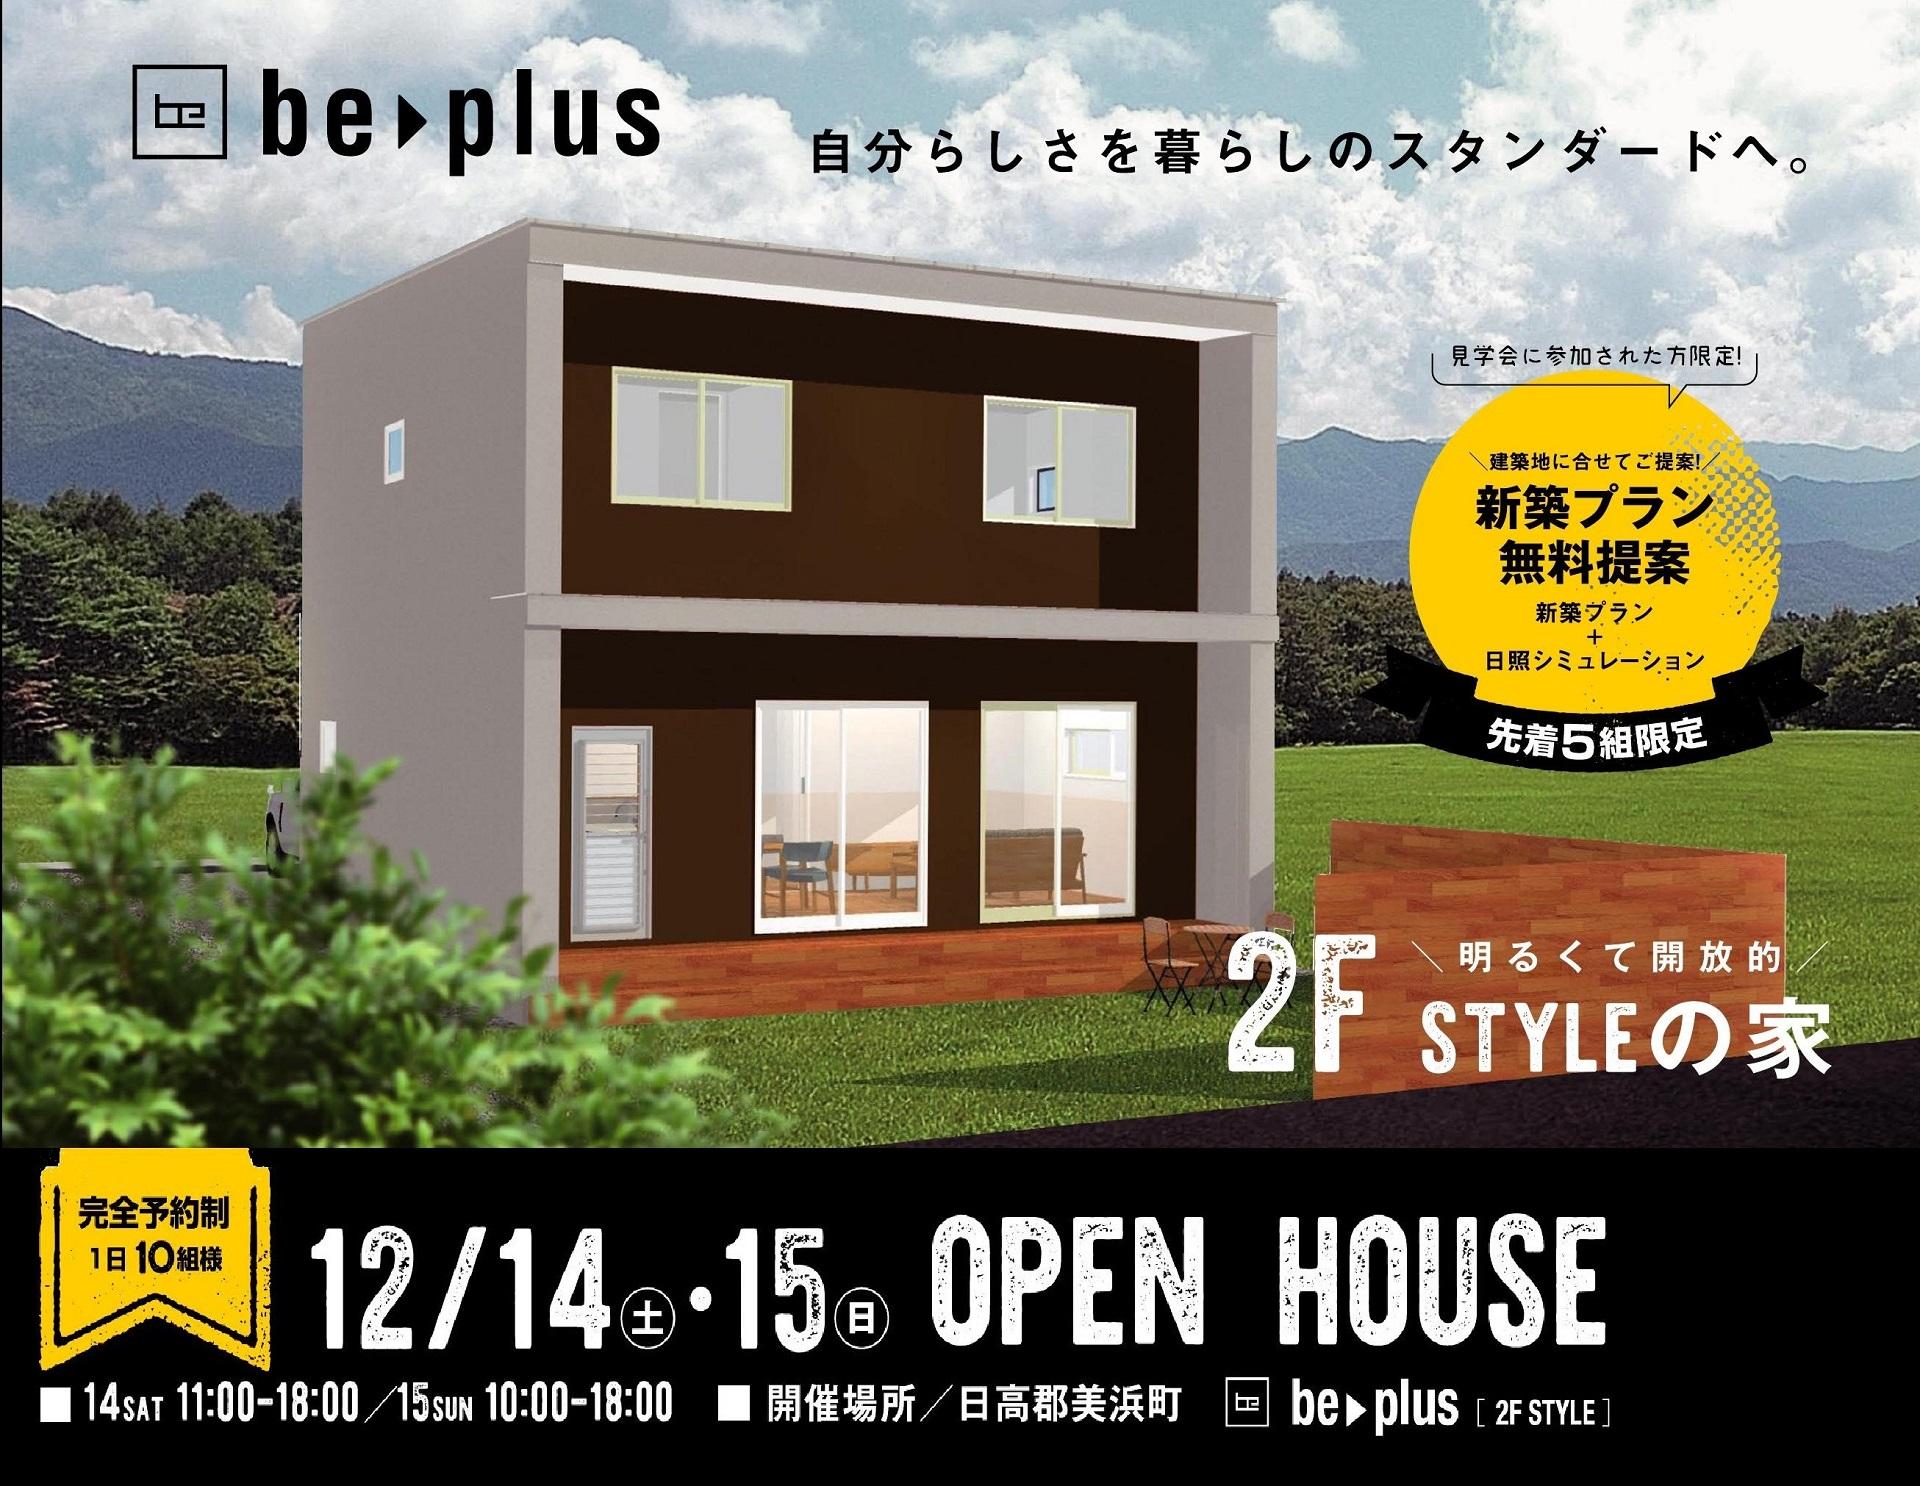 be▶plus 第30棟目完成見学会(12/14~12/15)のお知らせをアップしました。